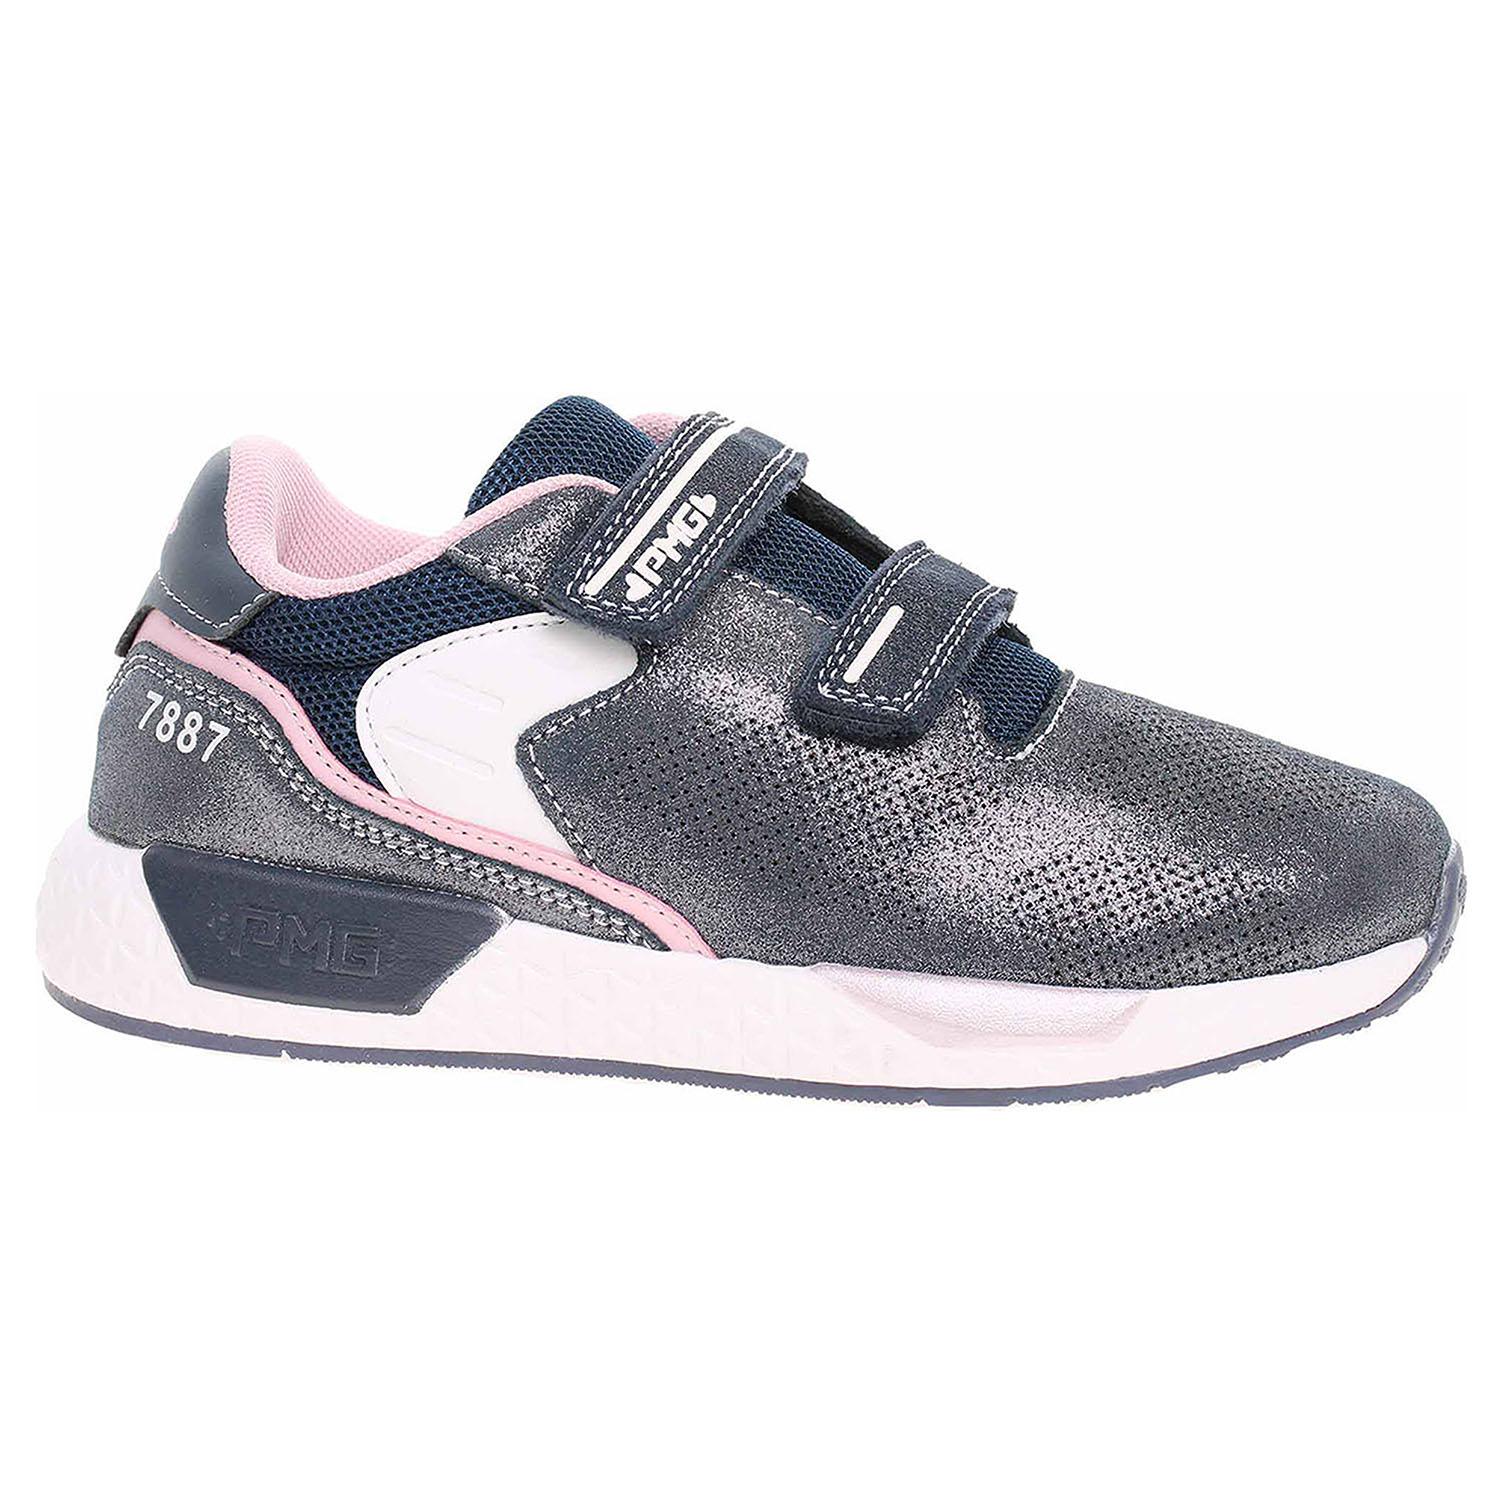 Dívčí obuv Primiogi 4456744 navy 4456744 31